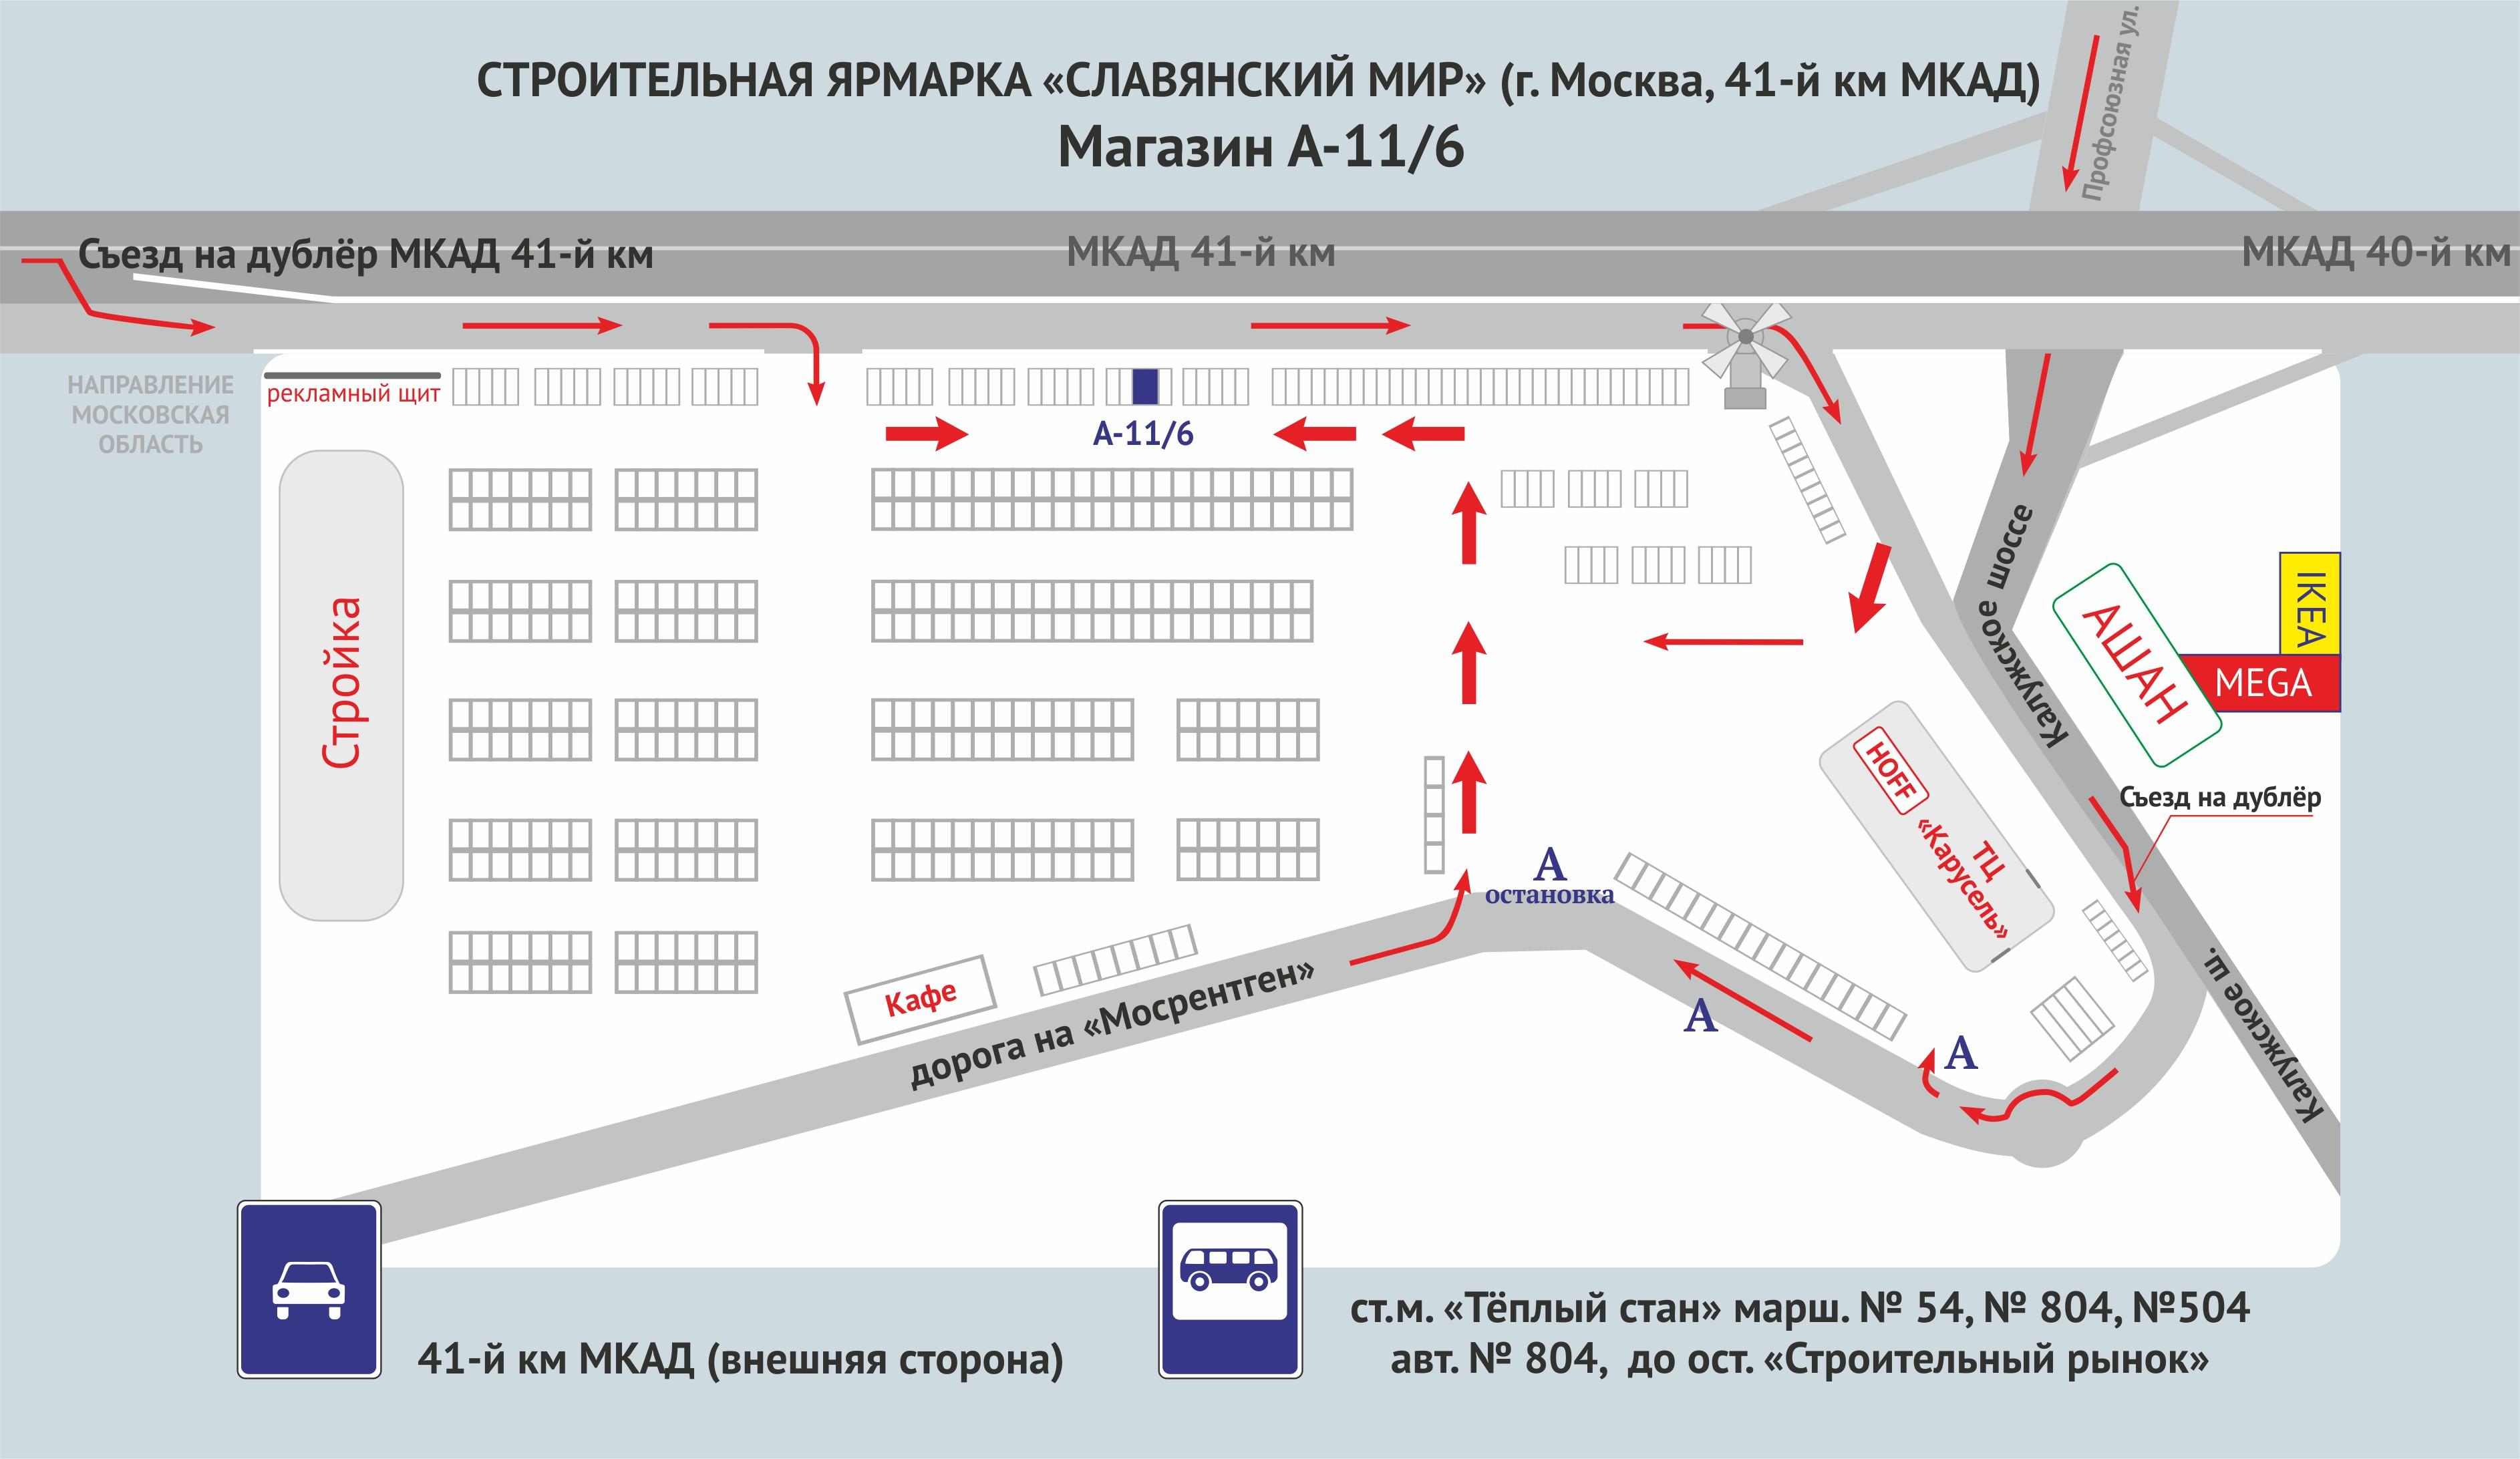 Славянский мир 41 км схема павильонов